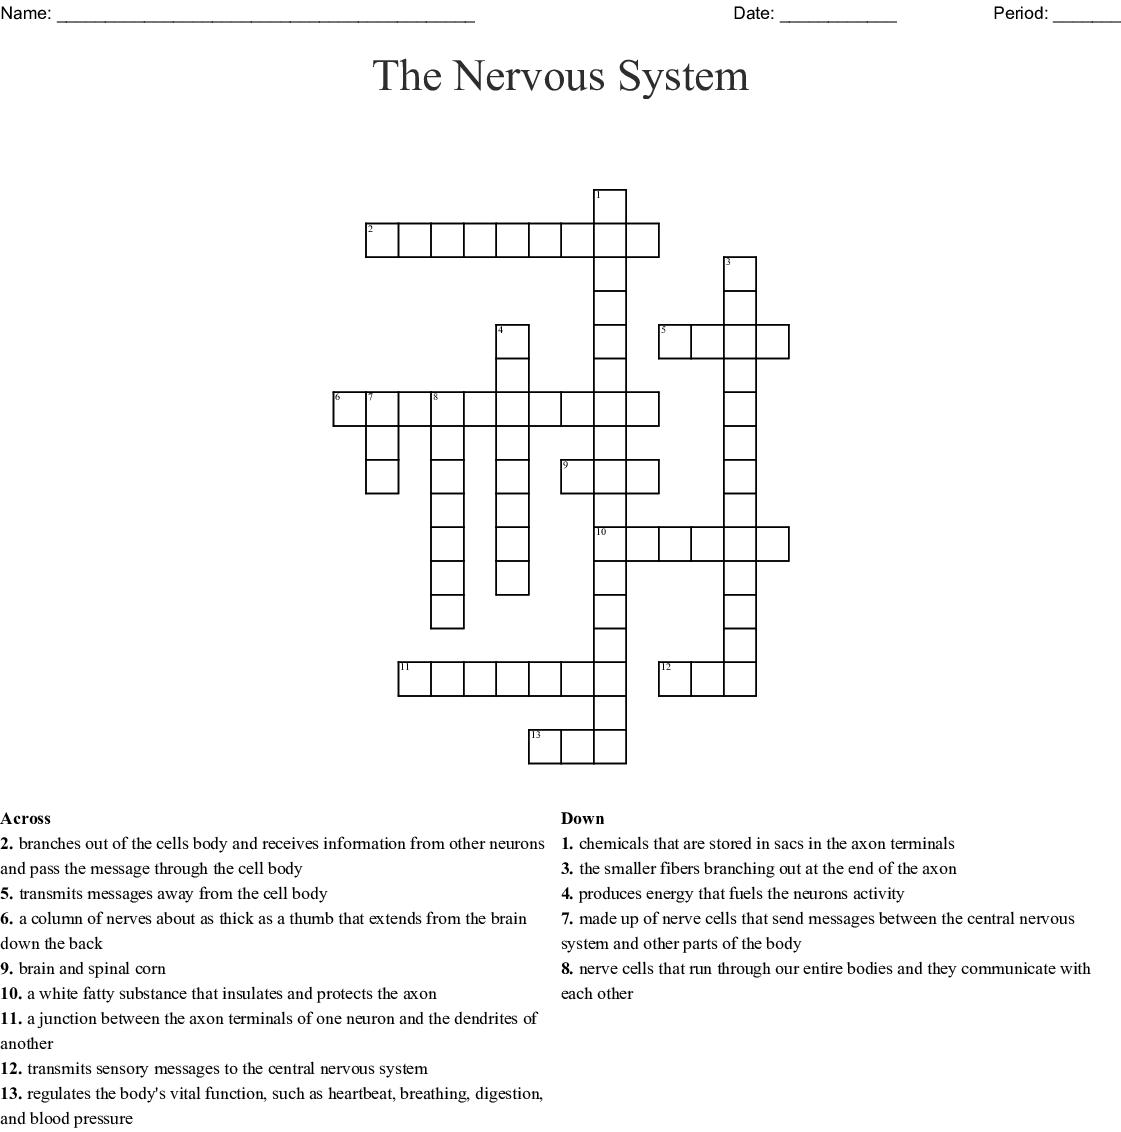 Biology Nervous System Crossword